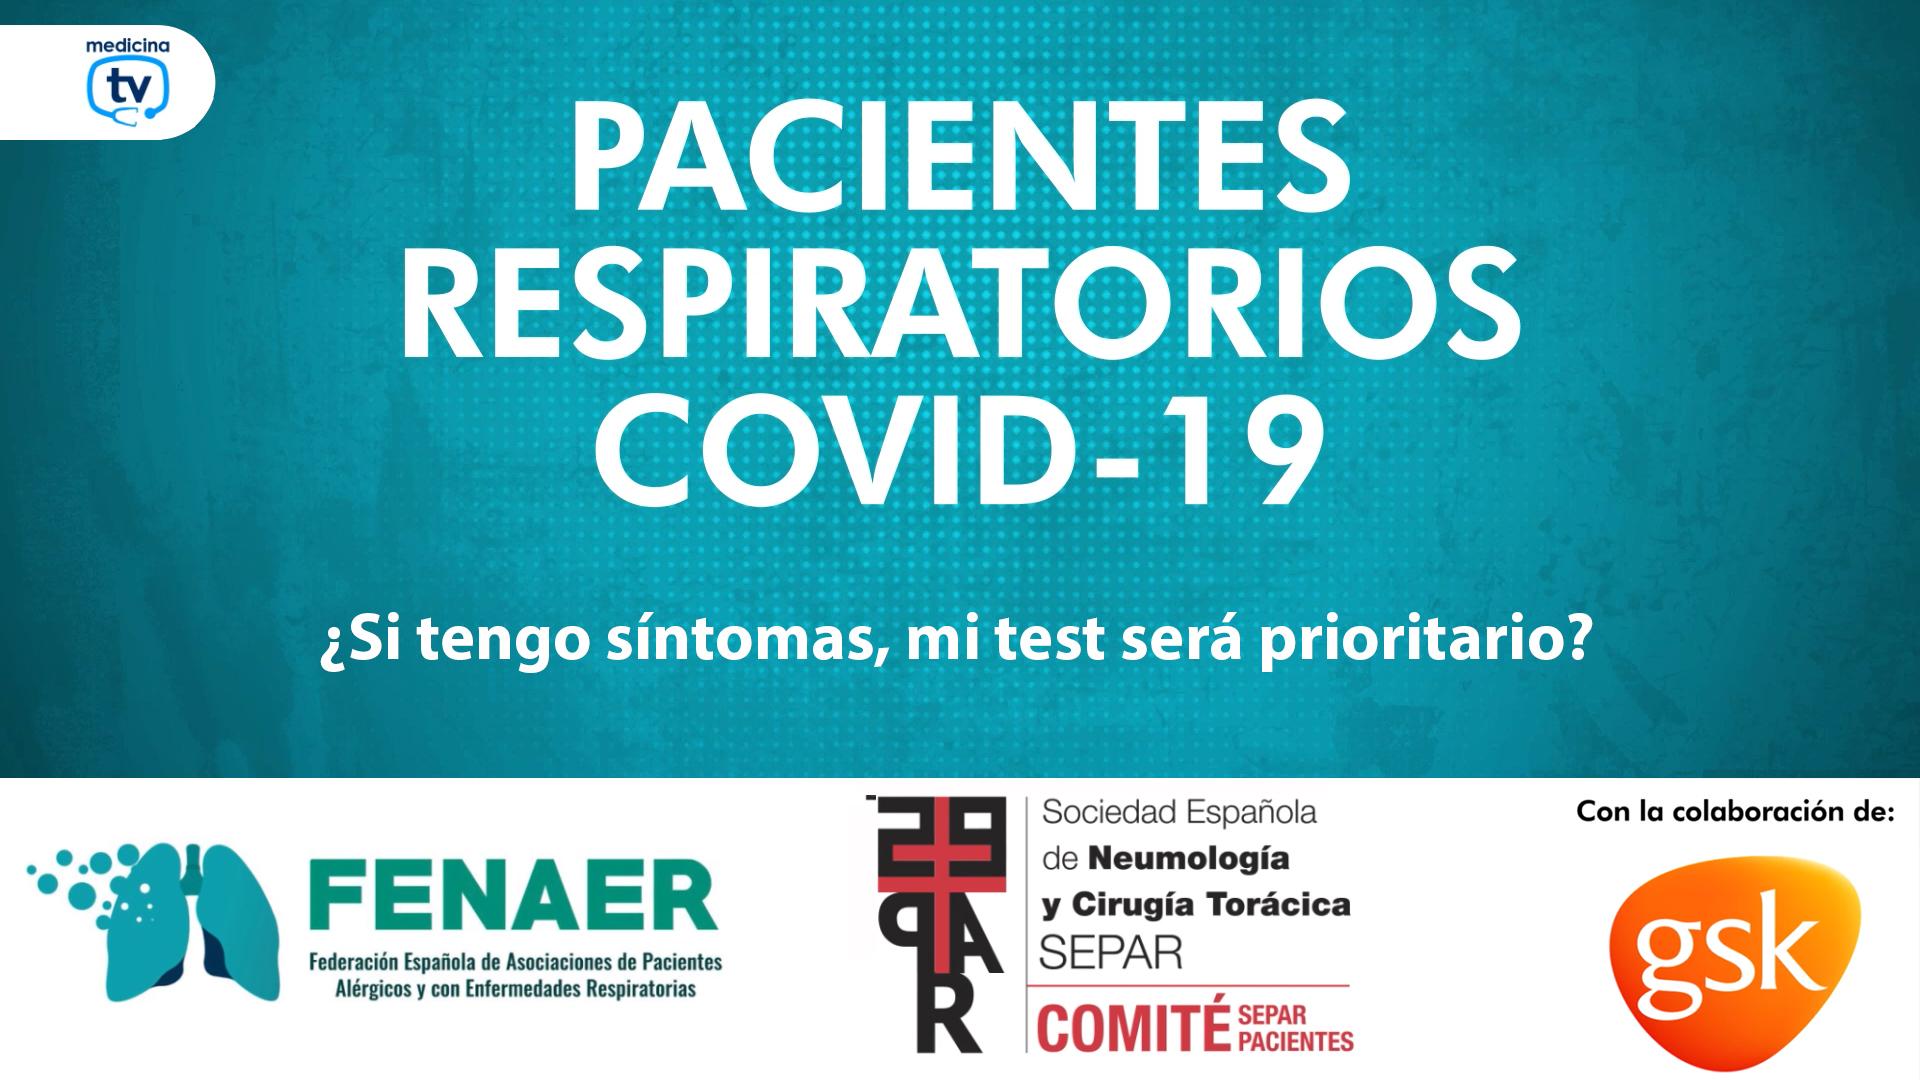 Los pacientes con enfermedades respiratorias crónicas, prioritarios en el diagnóstico del coronavirus